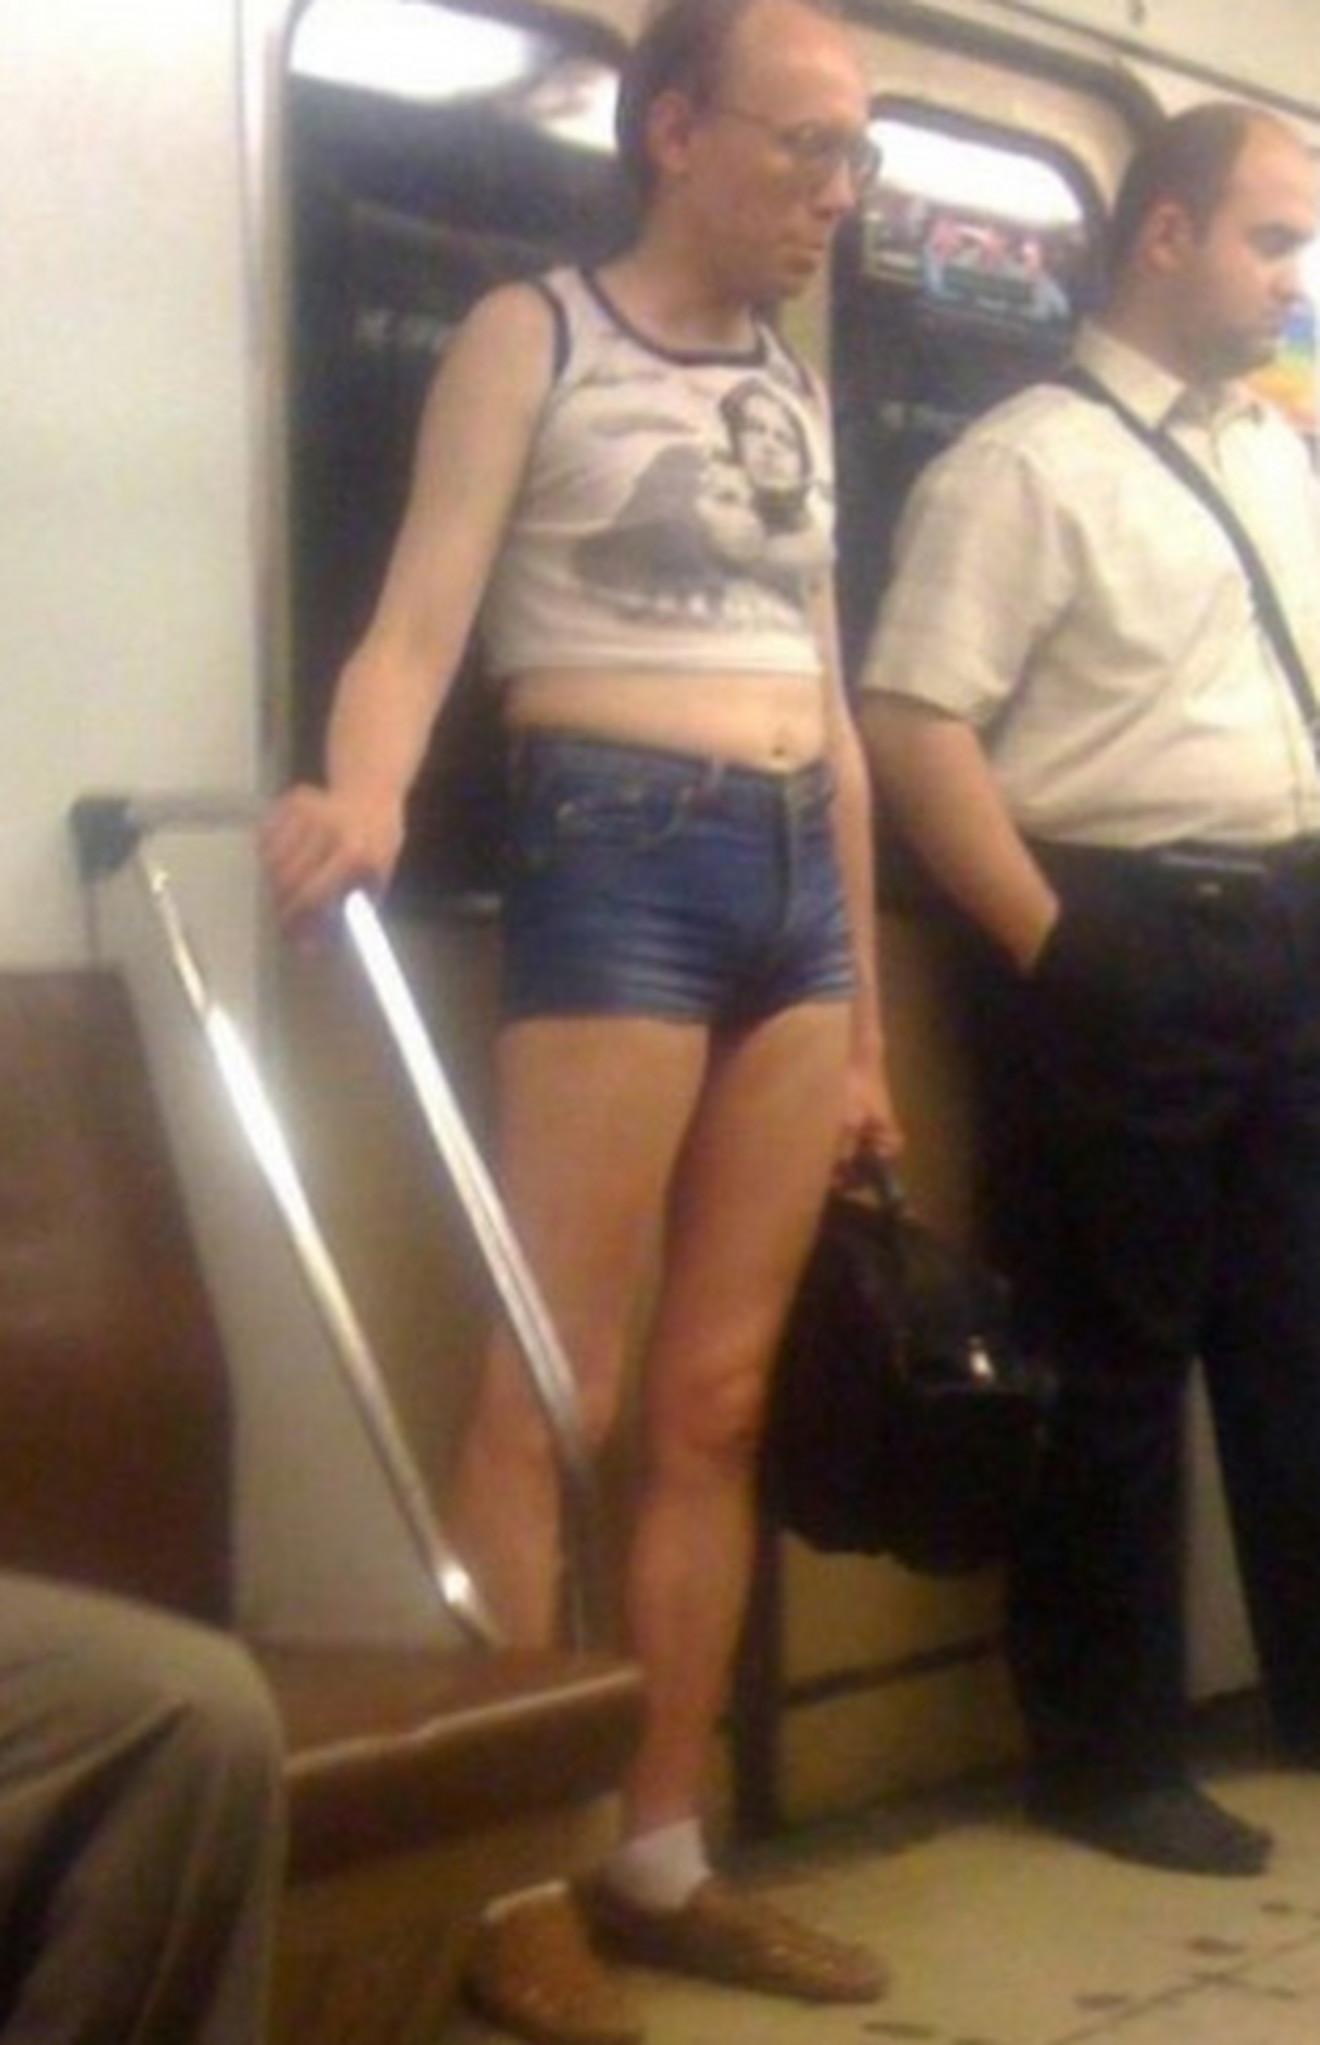 Previše ljudi ne zna da se obuče